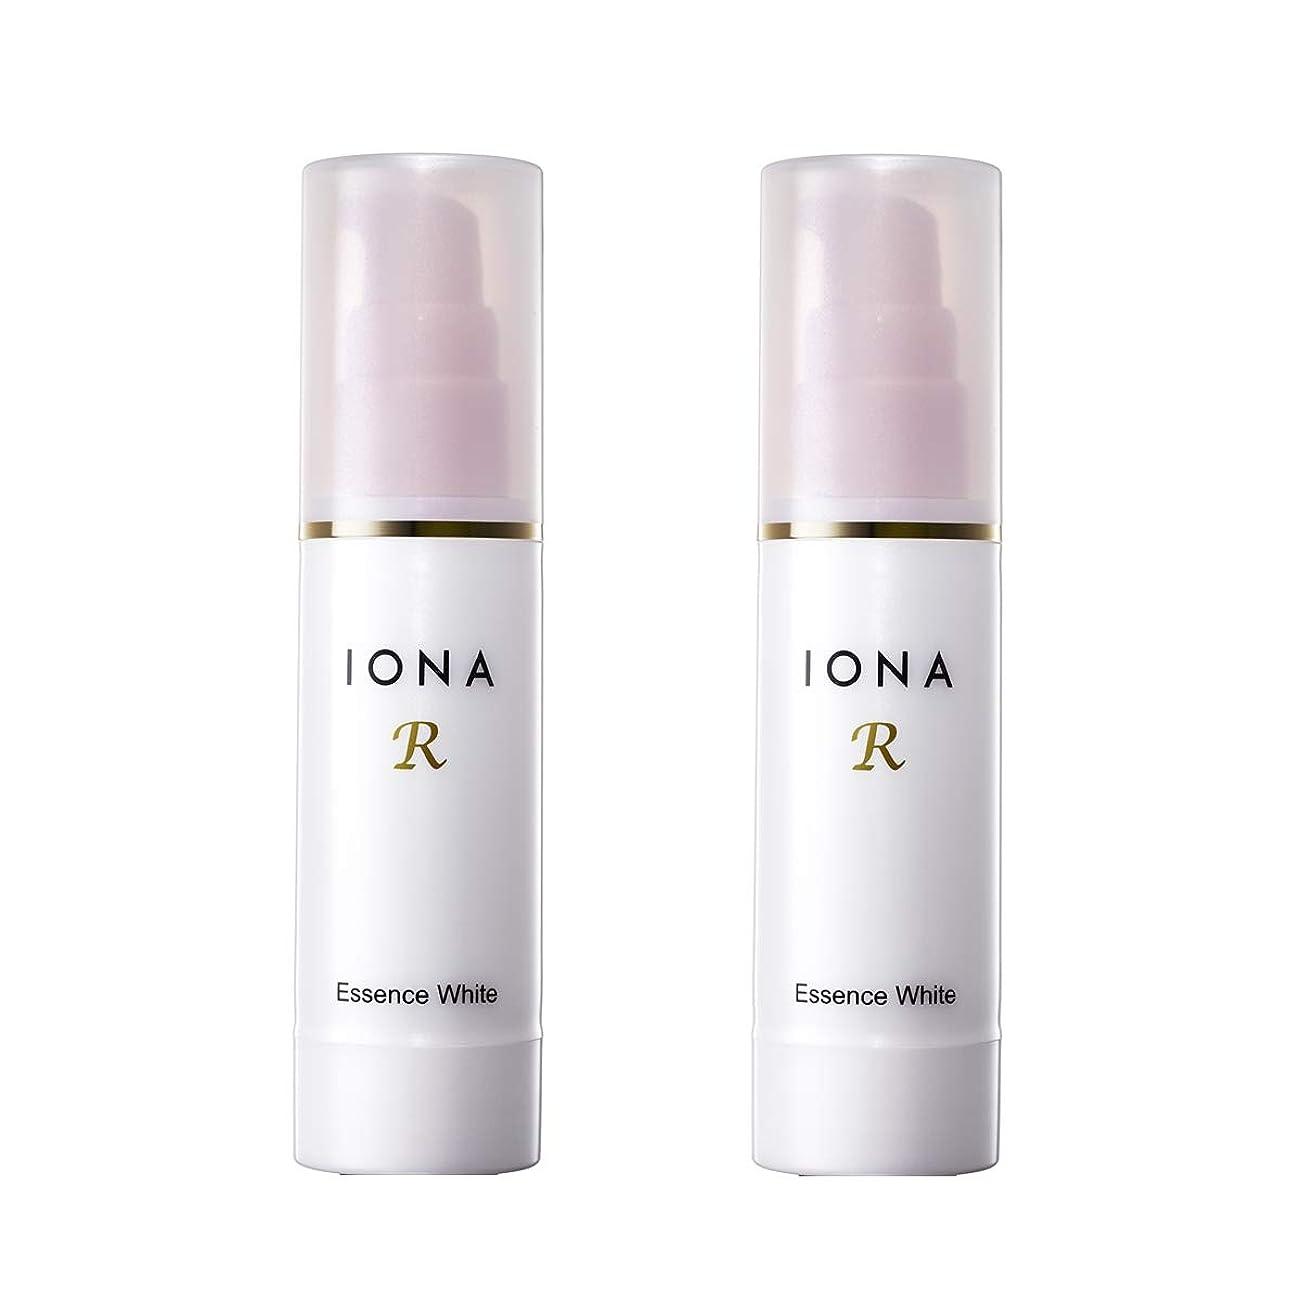 ジェームズダイソンパトロン先史時代のイオナR エッセンスホワイト 美容液 2個セット 【通常価格より20%OFF】高機能ビタミンC配合美容液 IONA R イオナアール イオナのビタミンC